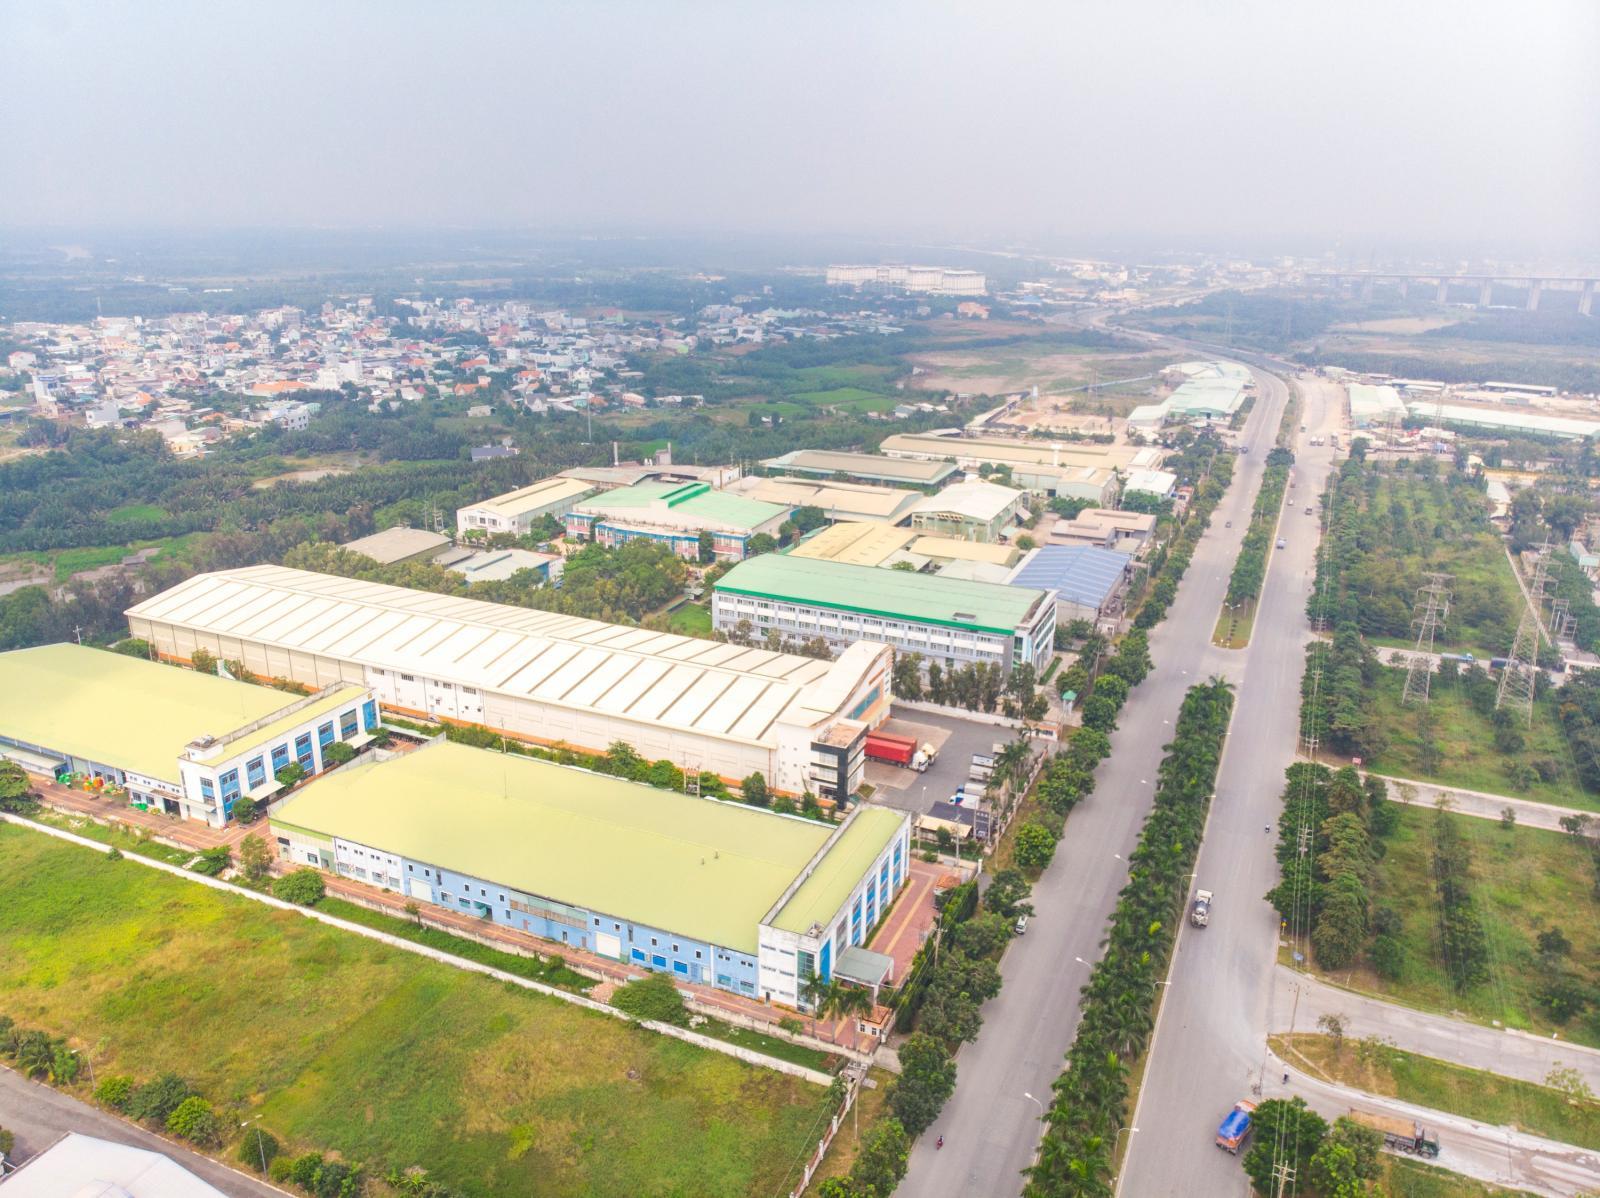 Bất động sản công nghiệp Việt Nam có nhiều động lực phát triển trong năm 2021